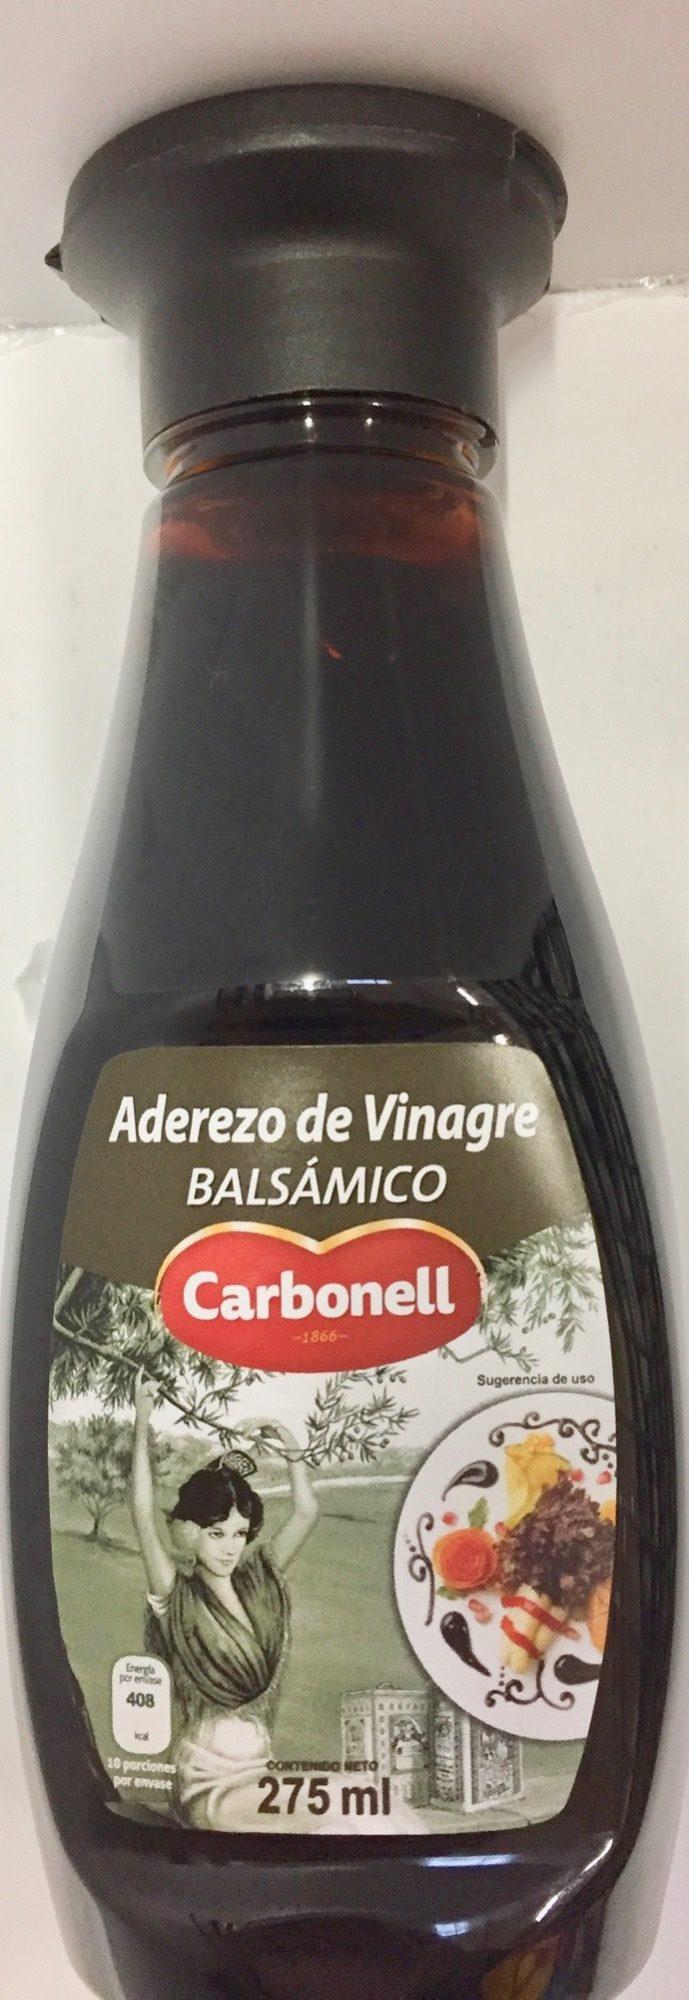 Crema de vinagre balsámico - Producto - es